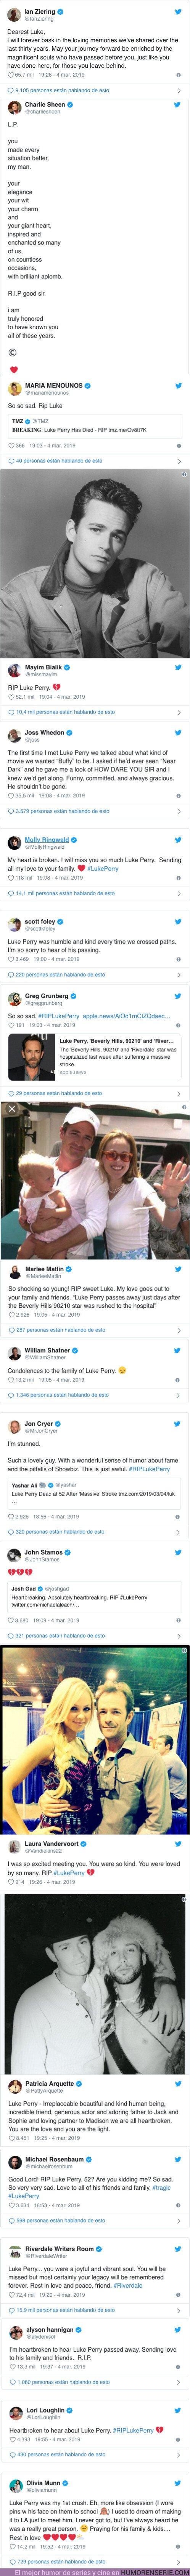 35633 - Estas han sido las reacciones de los compañeros de profesion de Luke Perry al enterarse de su muerte